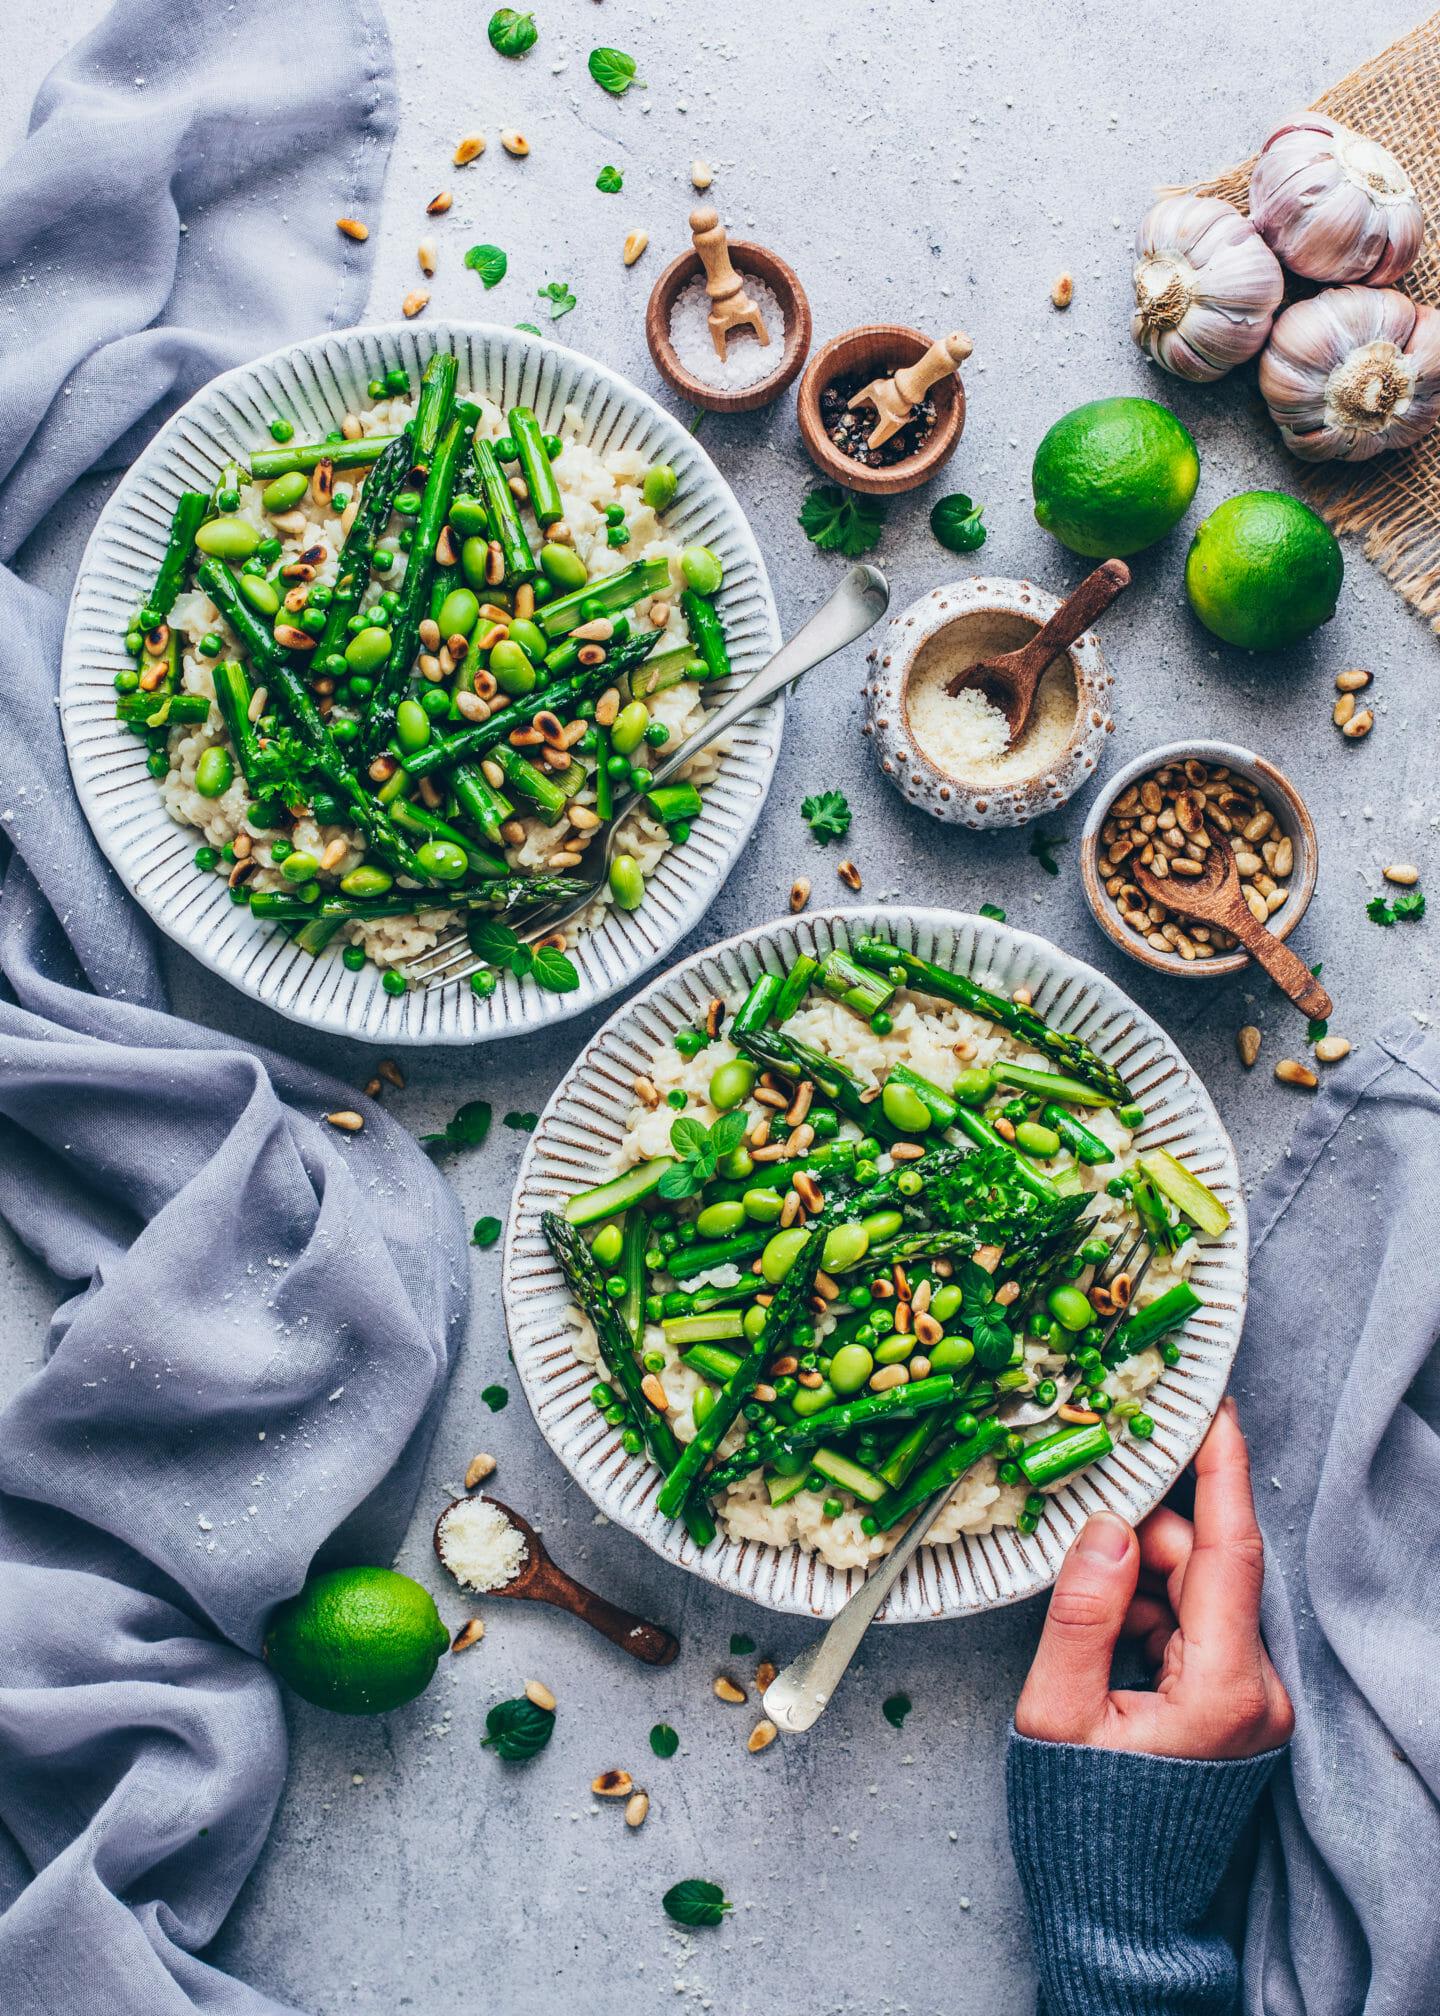 Spargel-Risotto mit Erbsen, Pinienkerne und Parmesan (Food Fotografie)